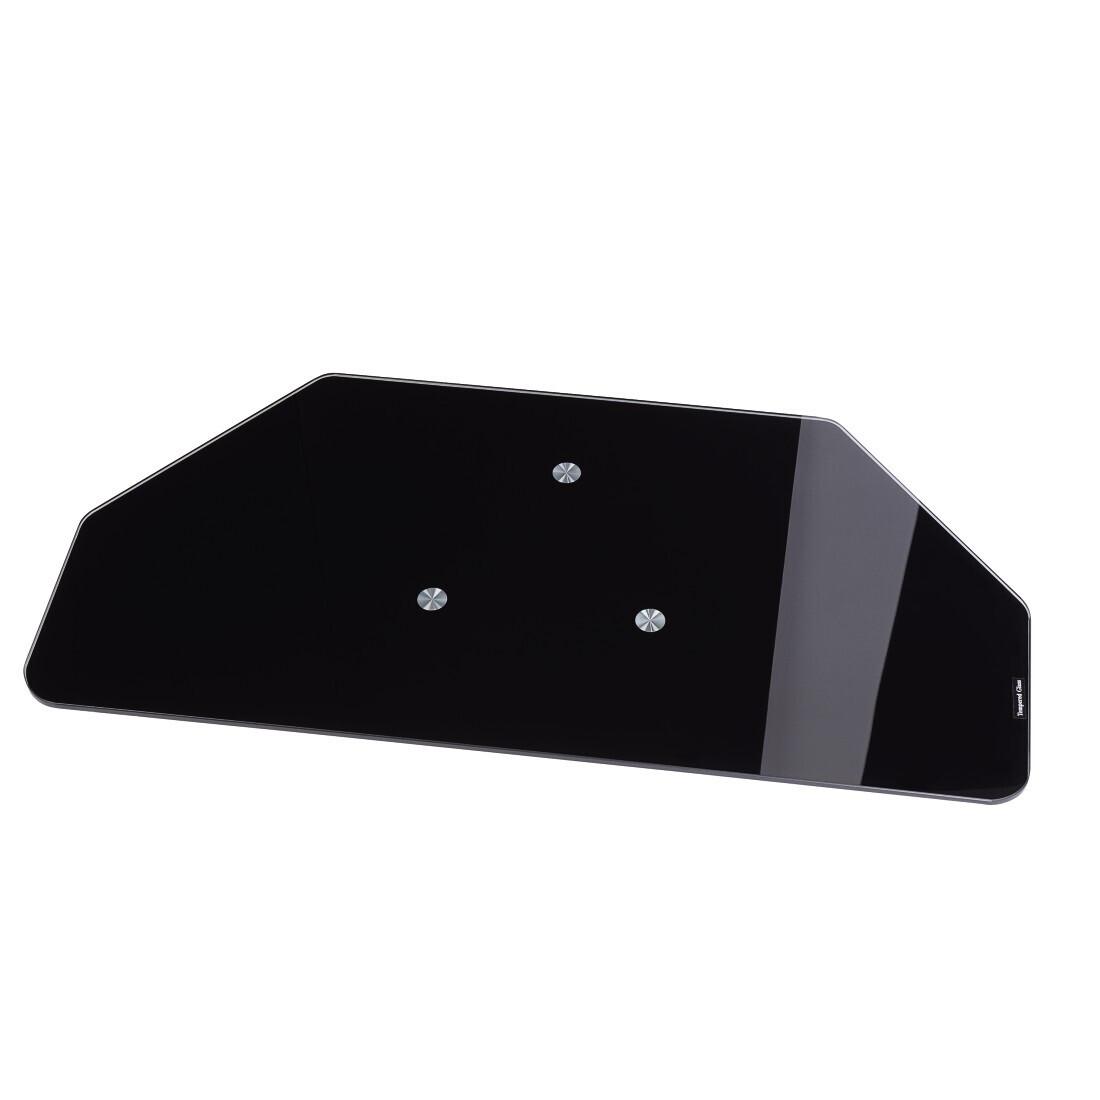 Hama LCD-/Plasma-TV-Rotary, Glas, svart, upp till 32